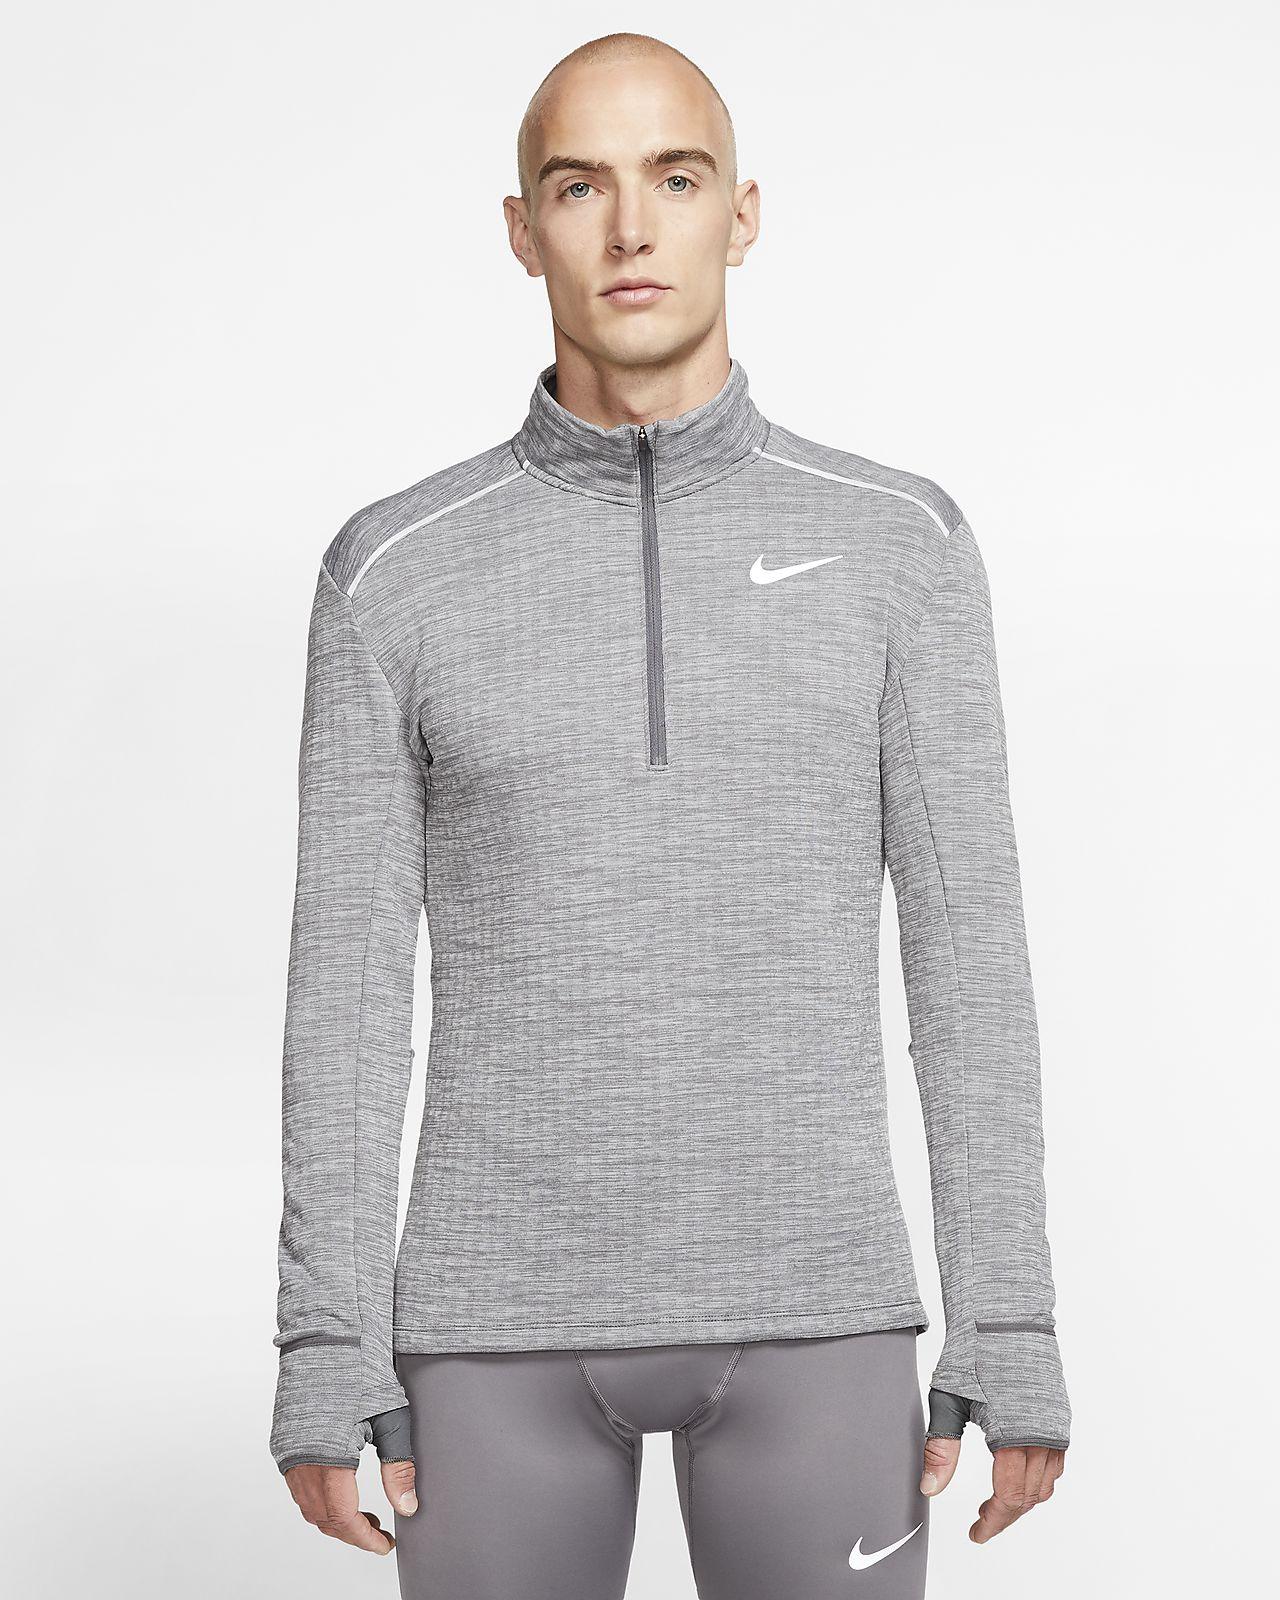 Męska koszulka do biegania z zamkiem 1/2 Nike Therma Sphere 3.0